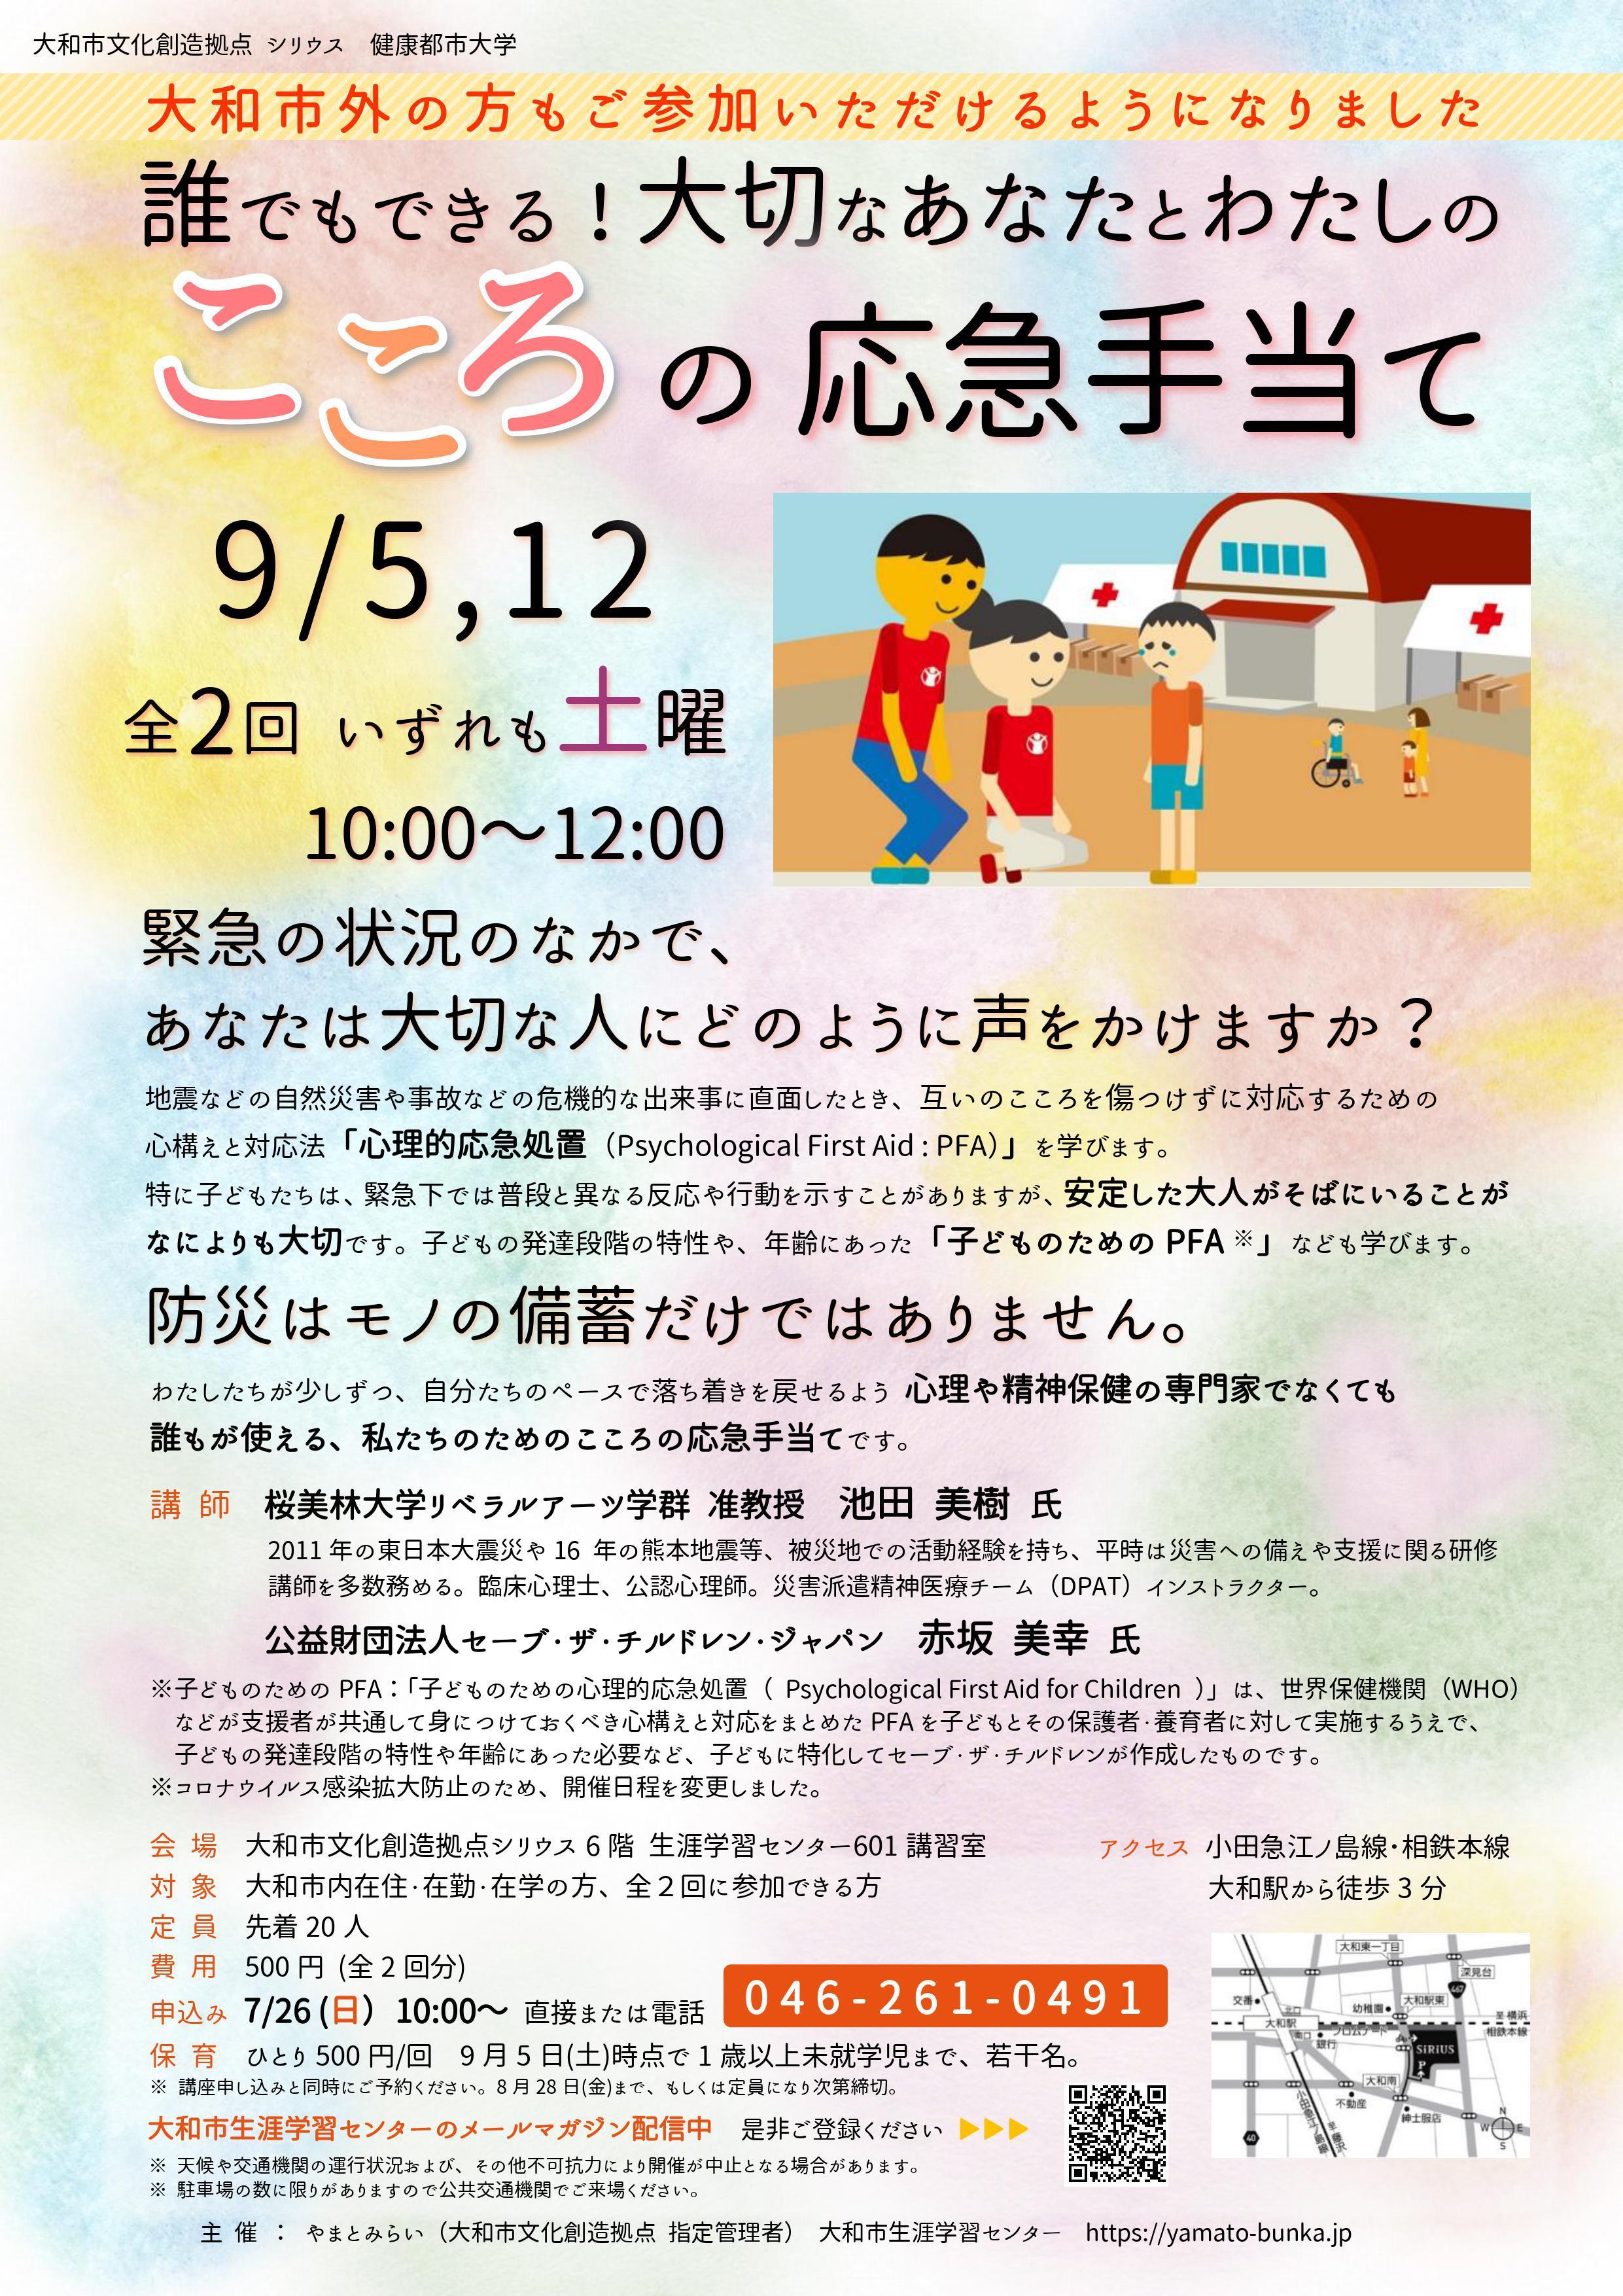 ★大和市外の方もご参加いただけるようになりました★健康都市大学  誰でもできる!大切なあなたとわたしのこころの応急手当て